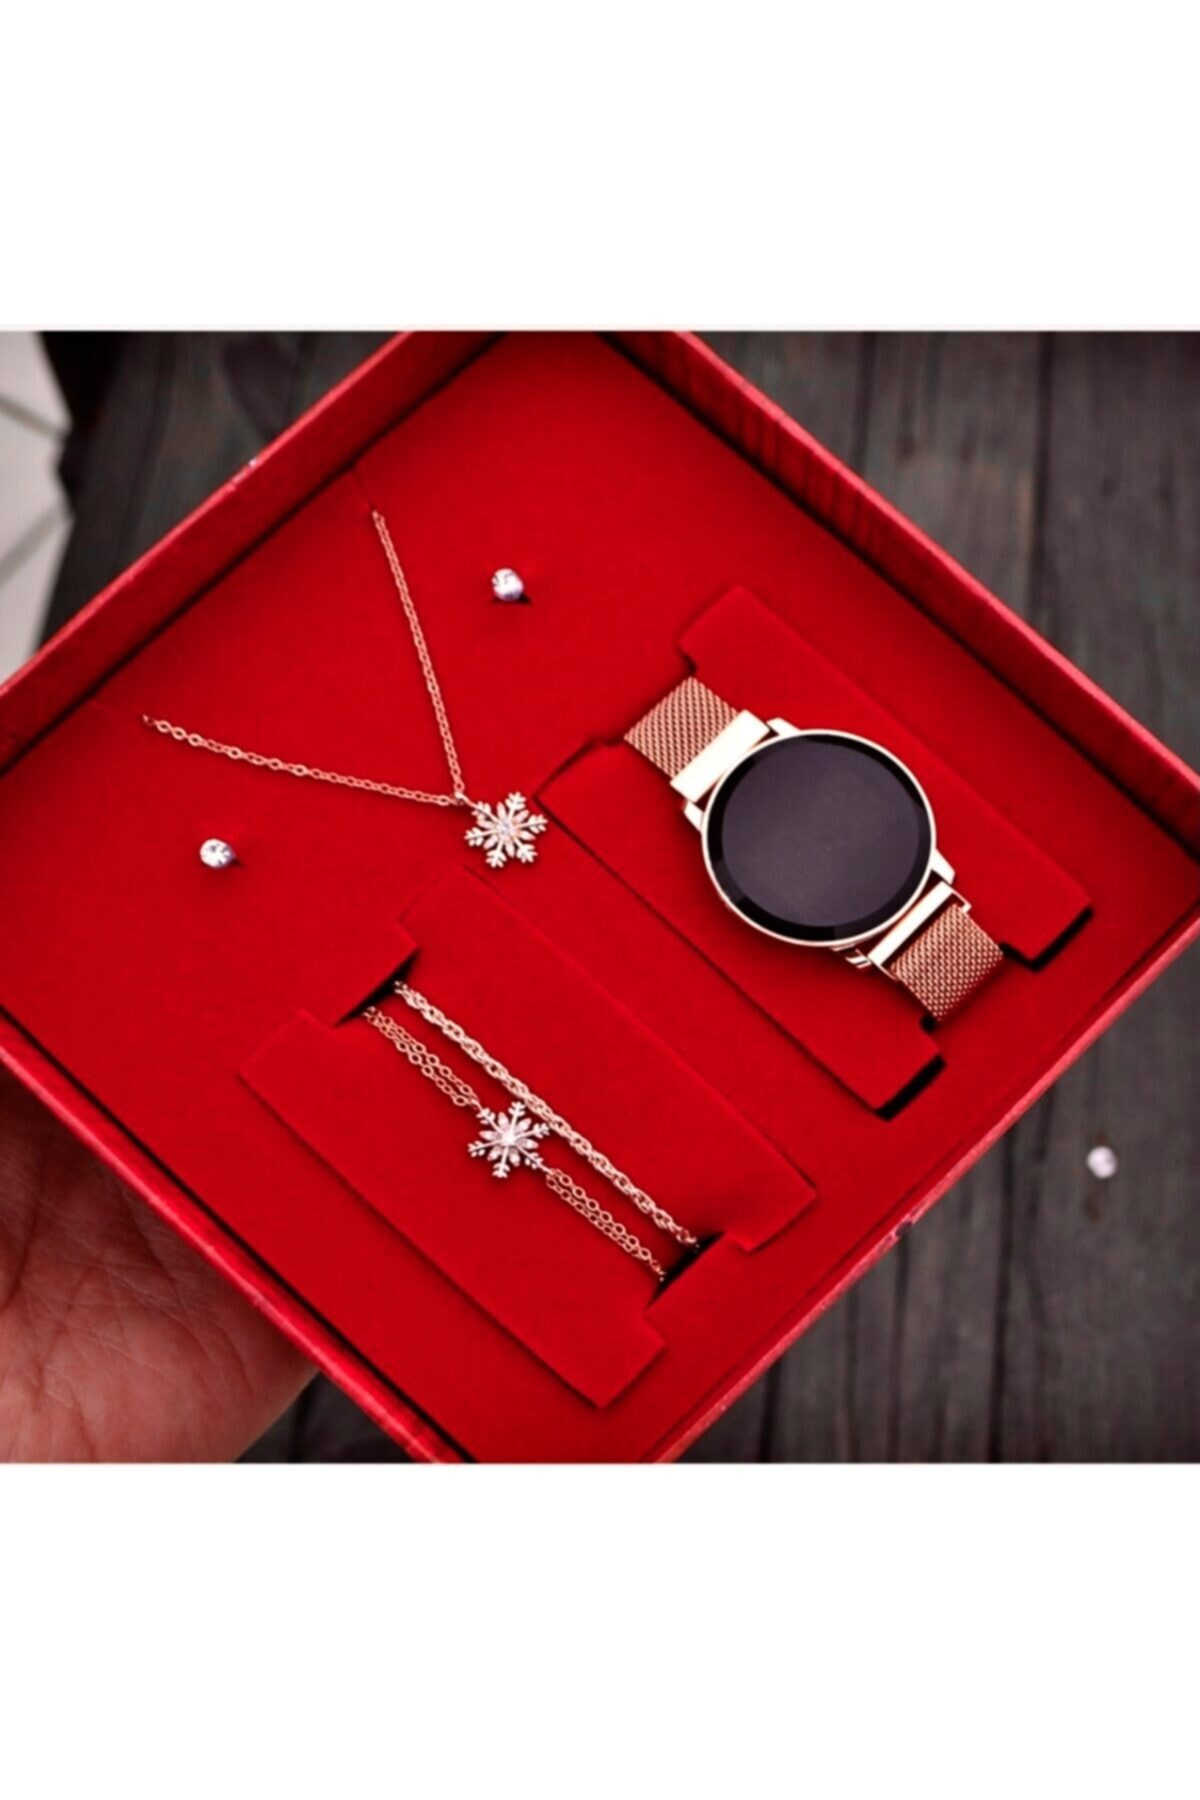 خرید ساعت مچی زنانه لوکس جدید برند Wesscollection رنگ صورتی ty118495467